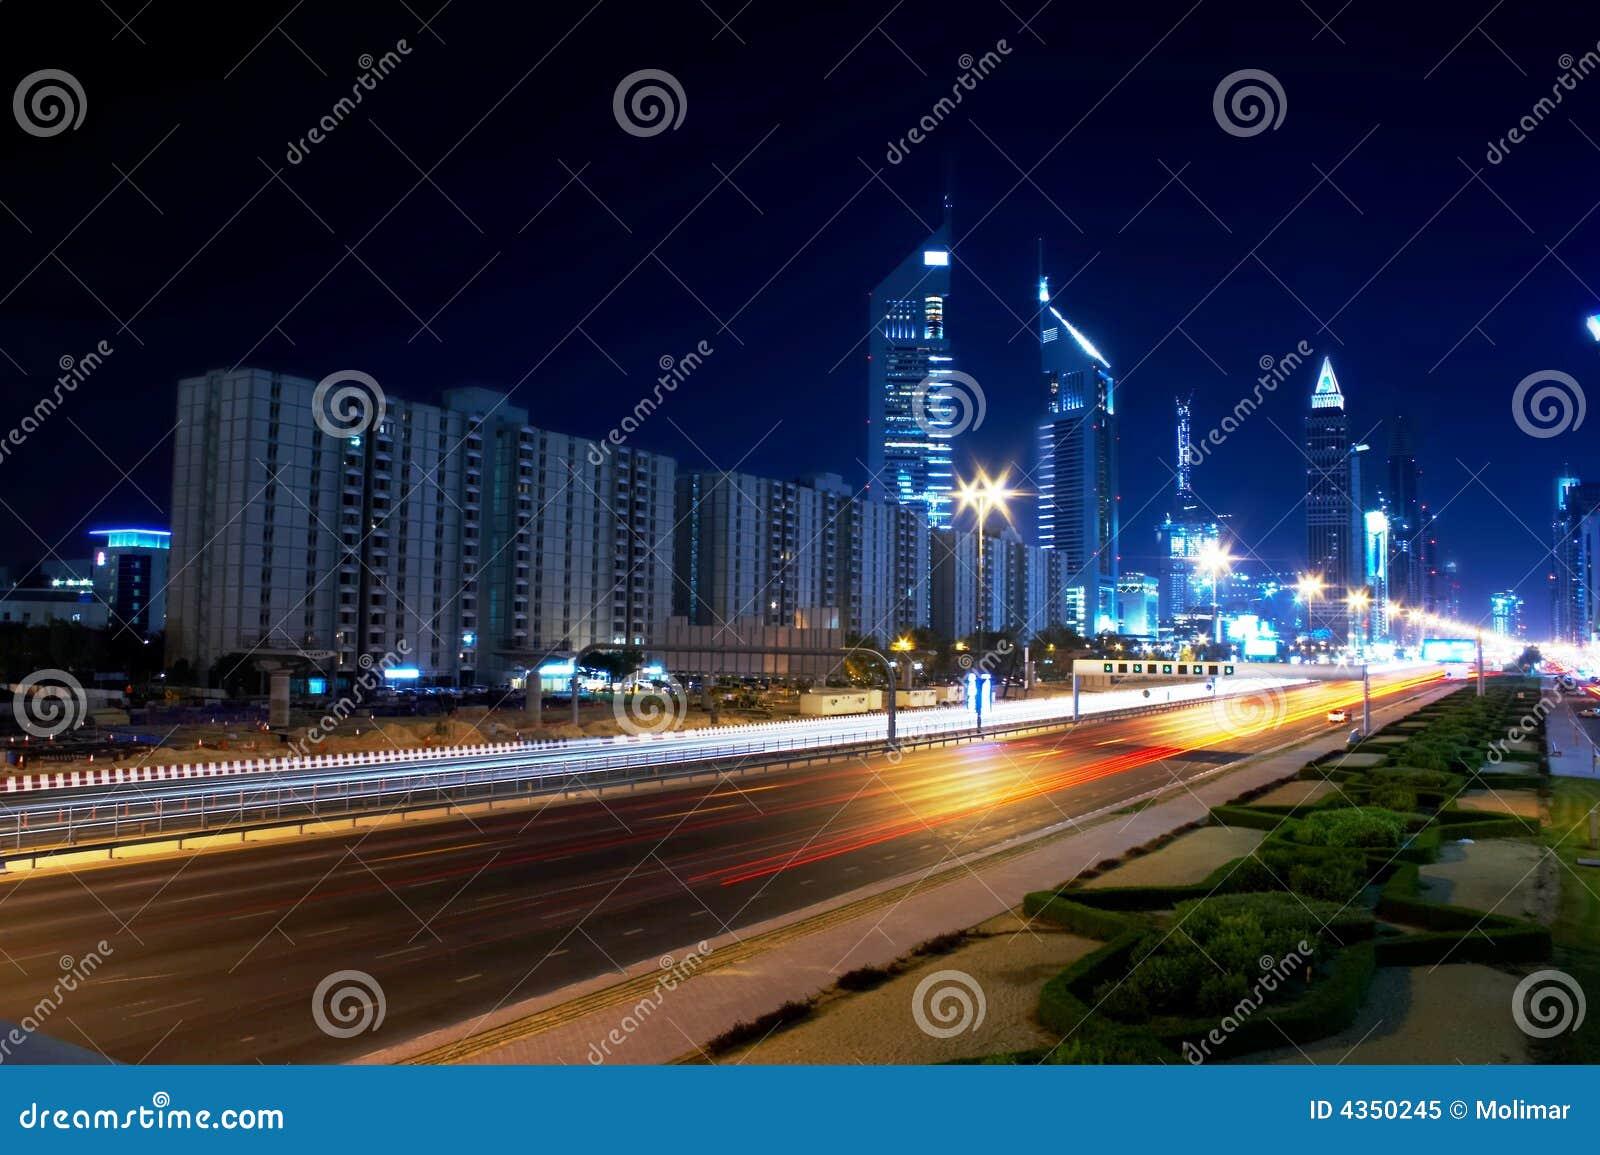 Route zayed par cheik